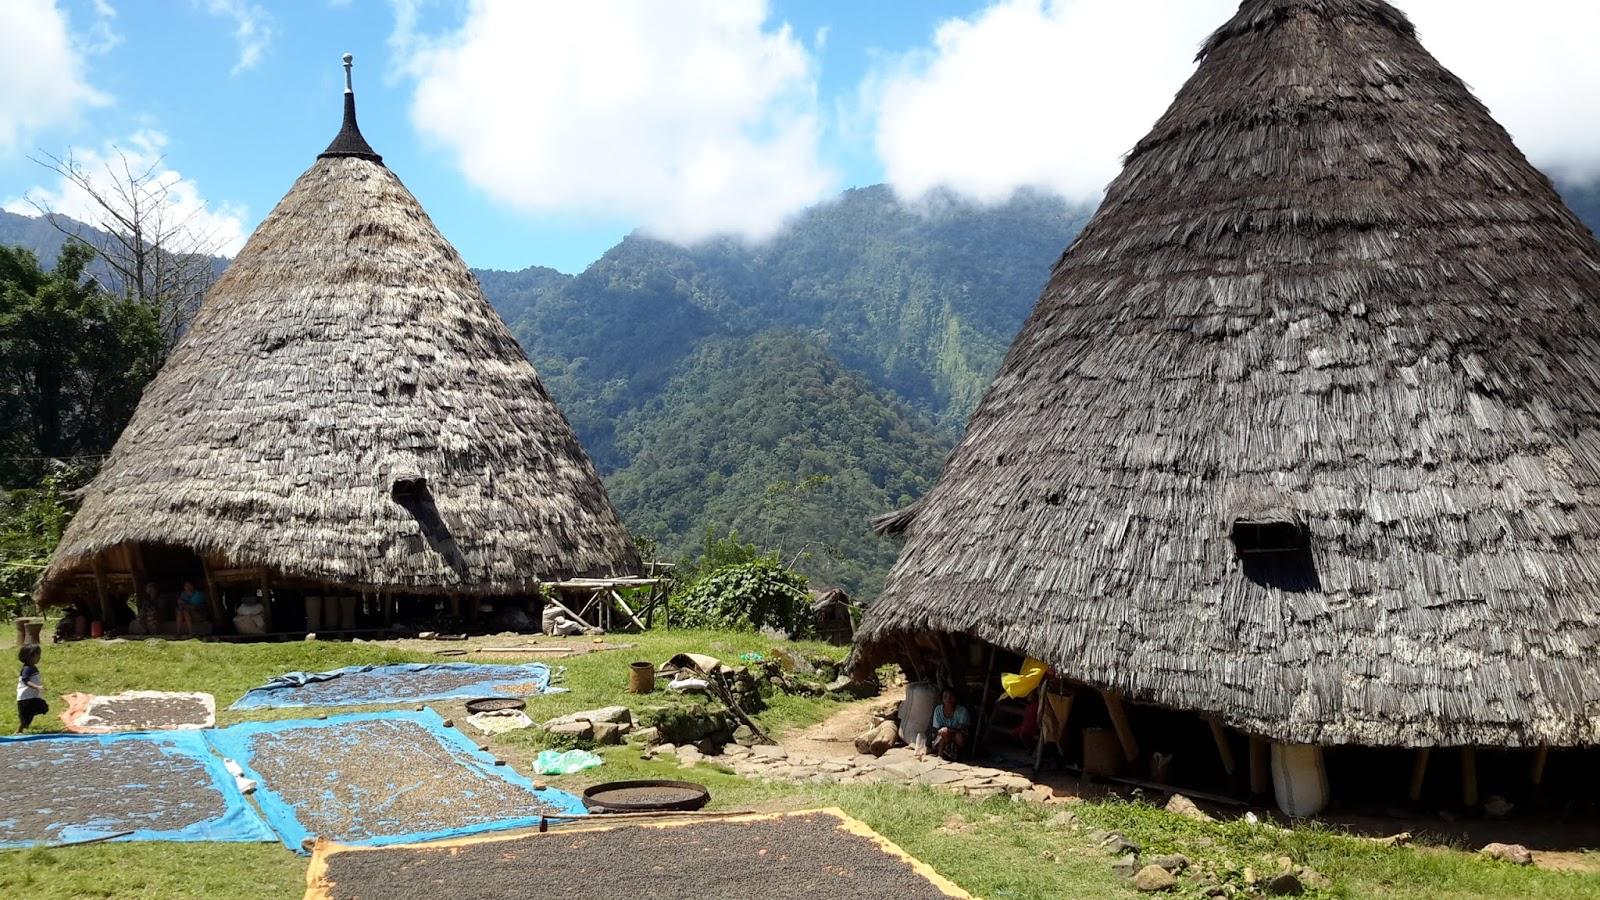 Giorni balinesi la mbaru gendang la casa tradizionale for La casa toscana tradizionale